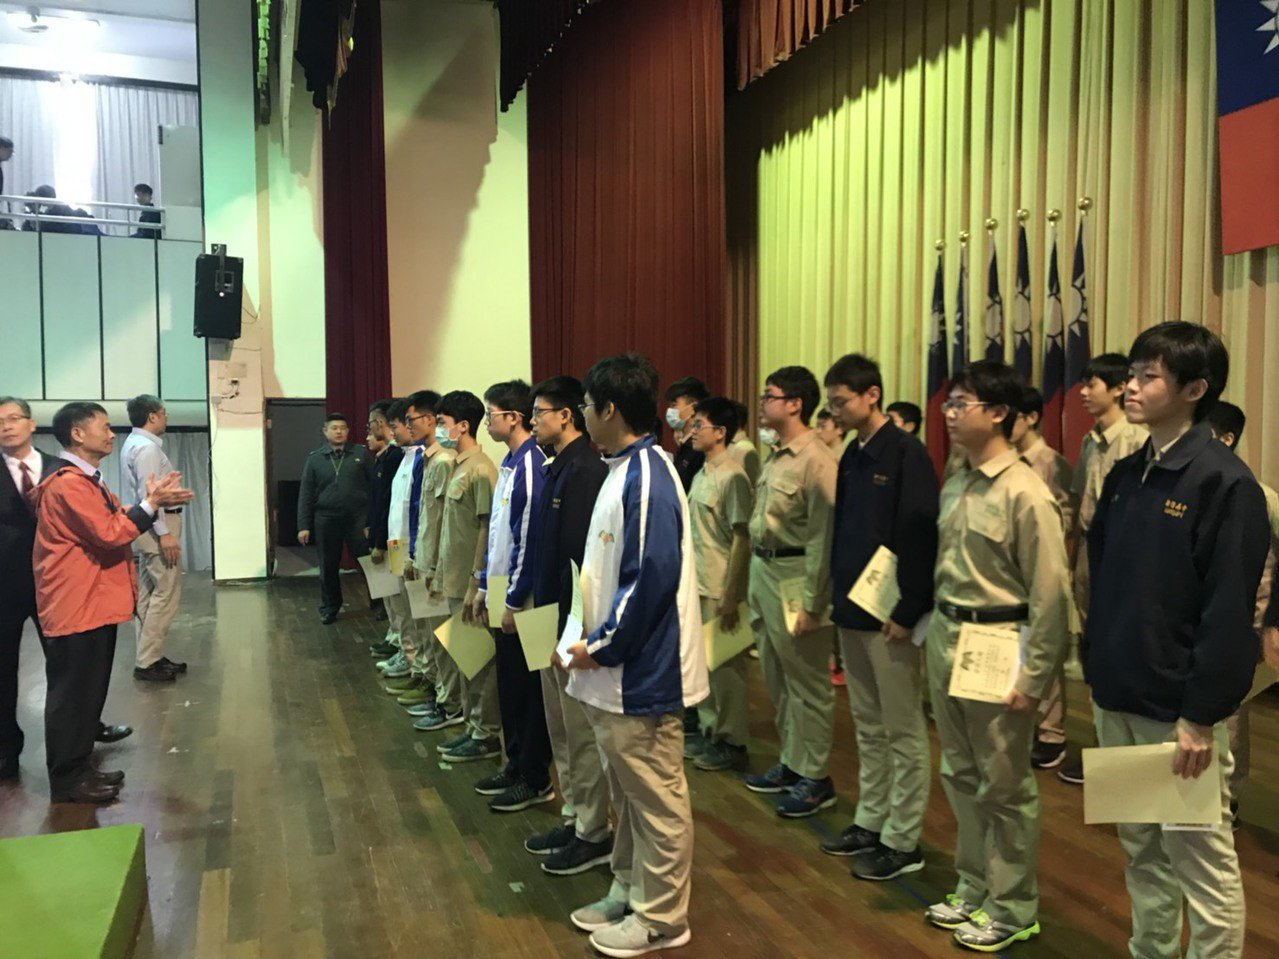 新竹高中未來將以每月一個的月會形式進行朝會,並在大禮堂舉行。圖/新竹高中提供